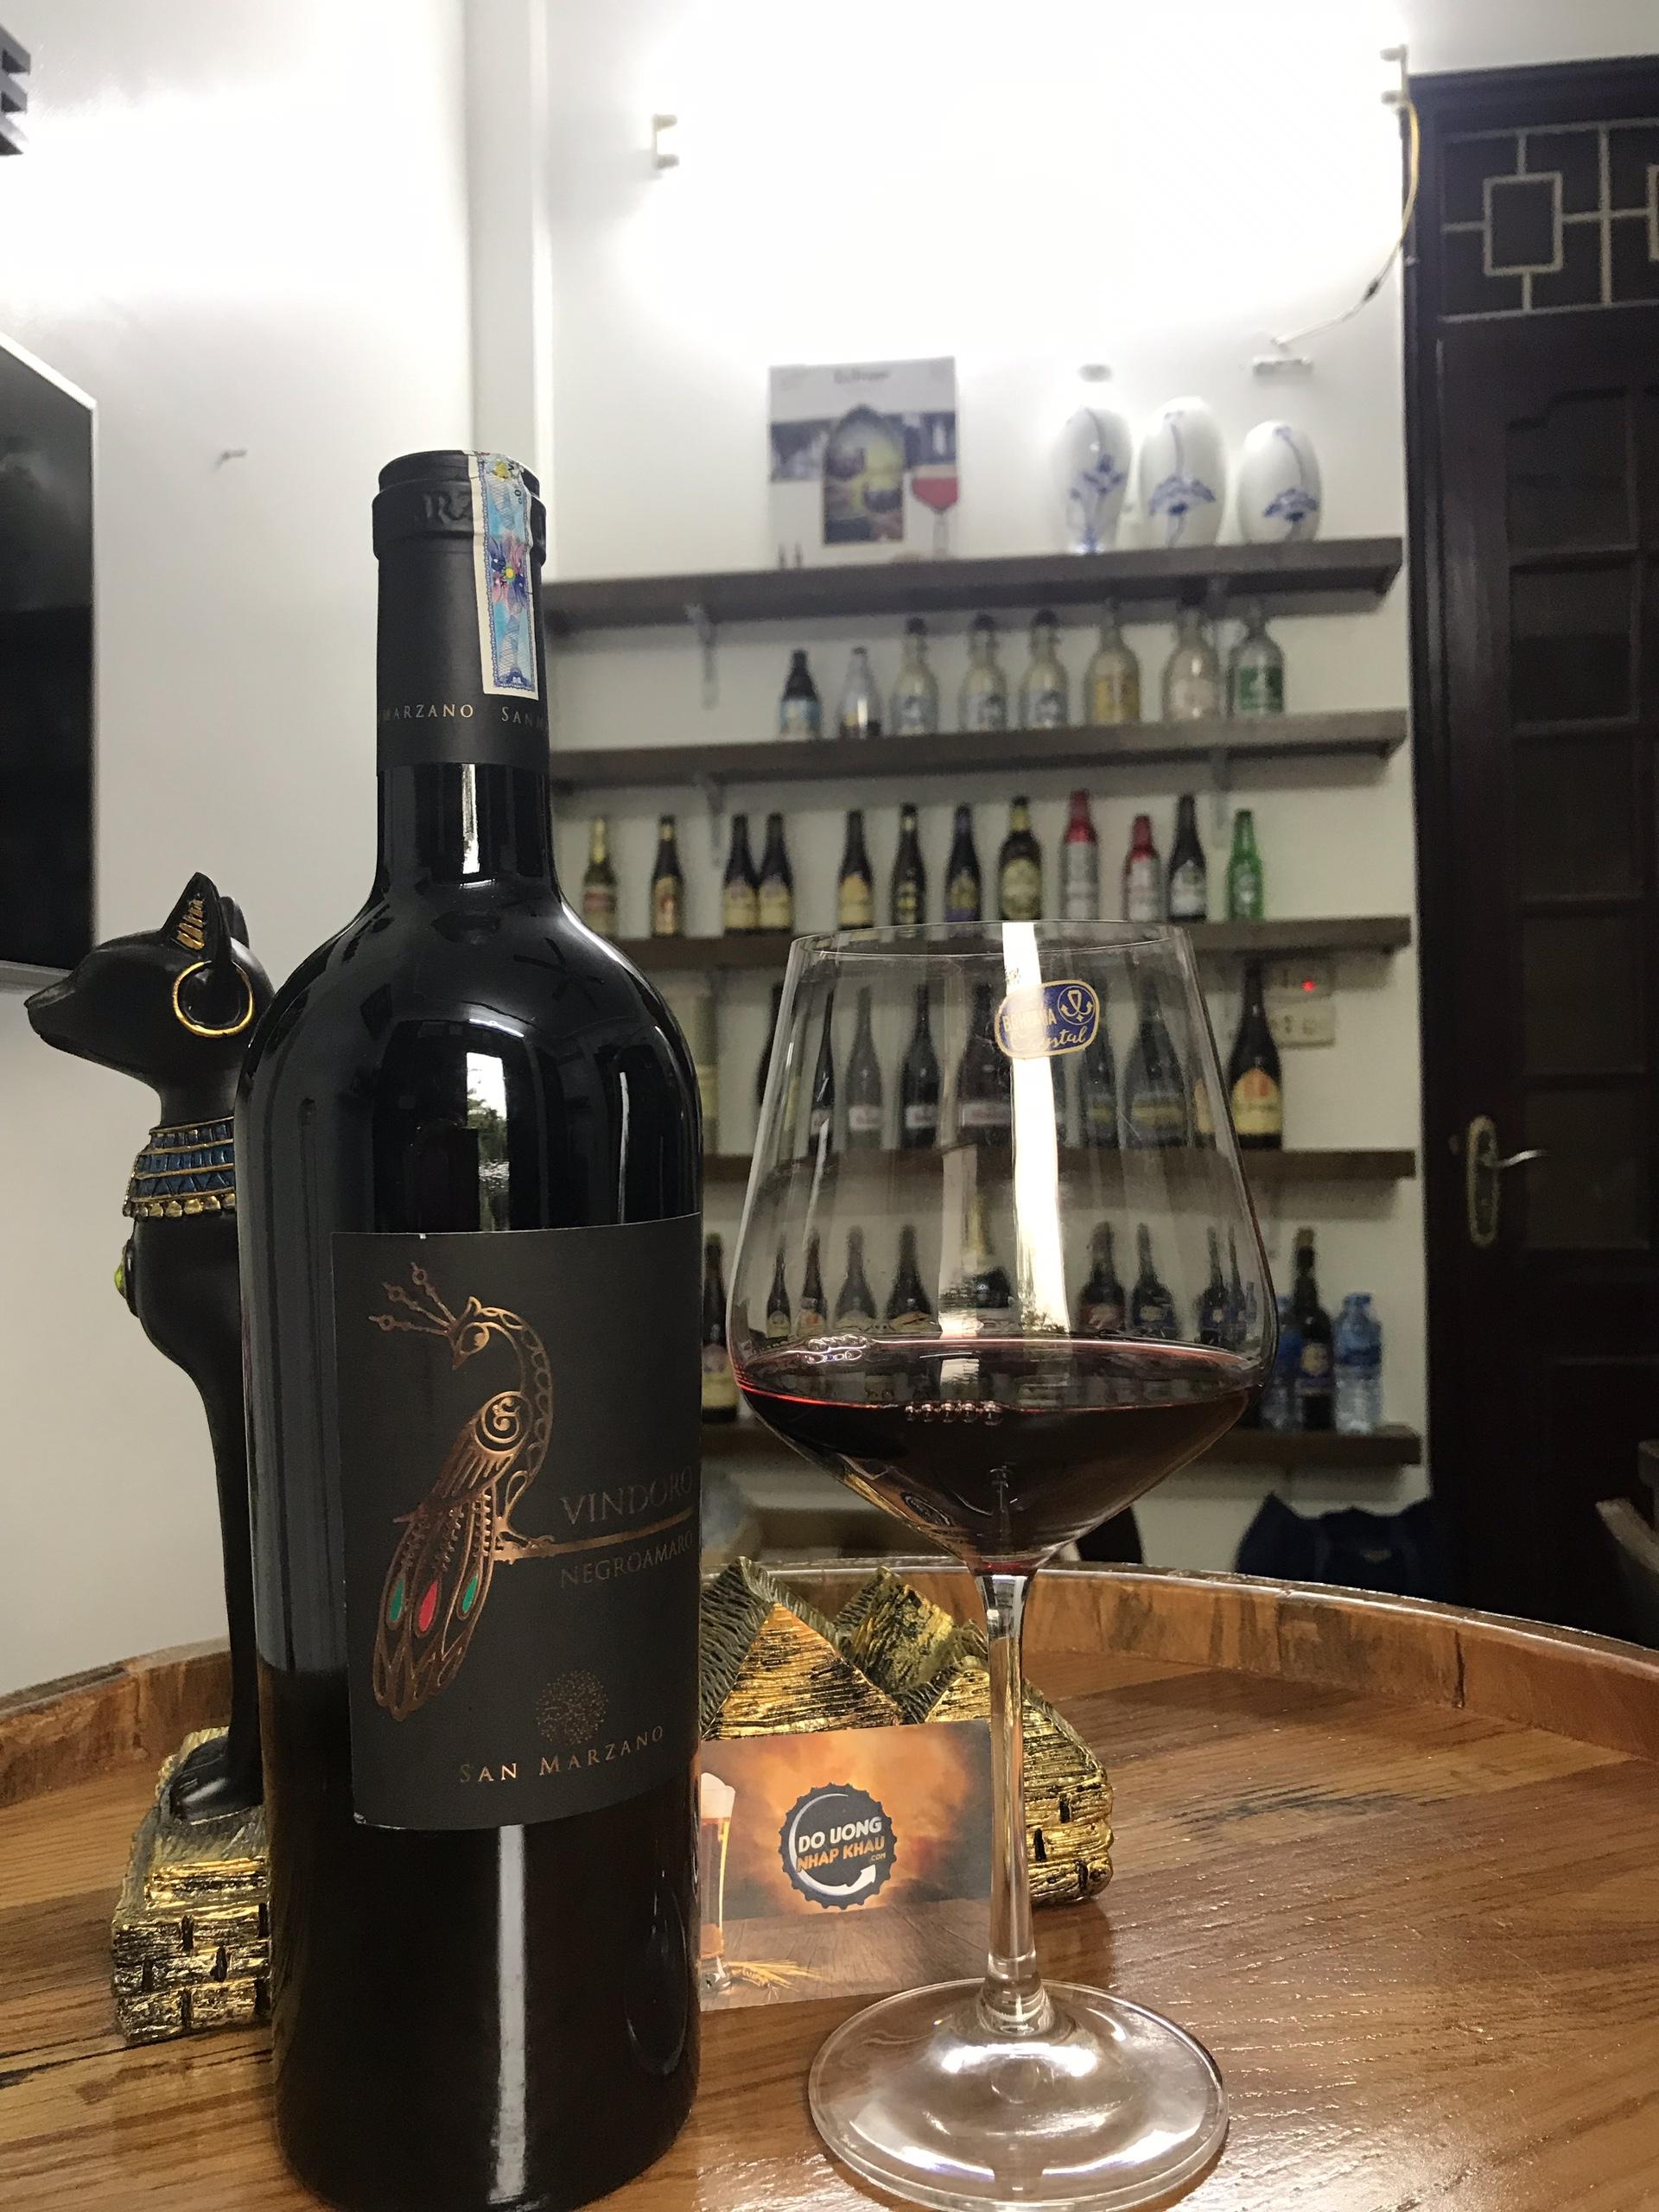 Rượu vang con công Vindoro